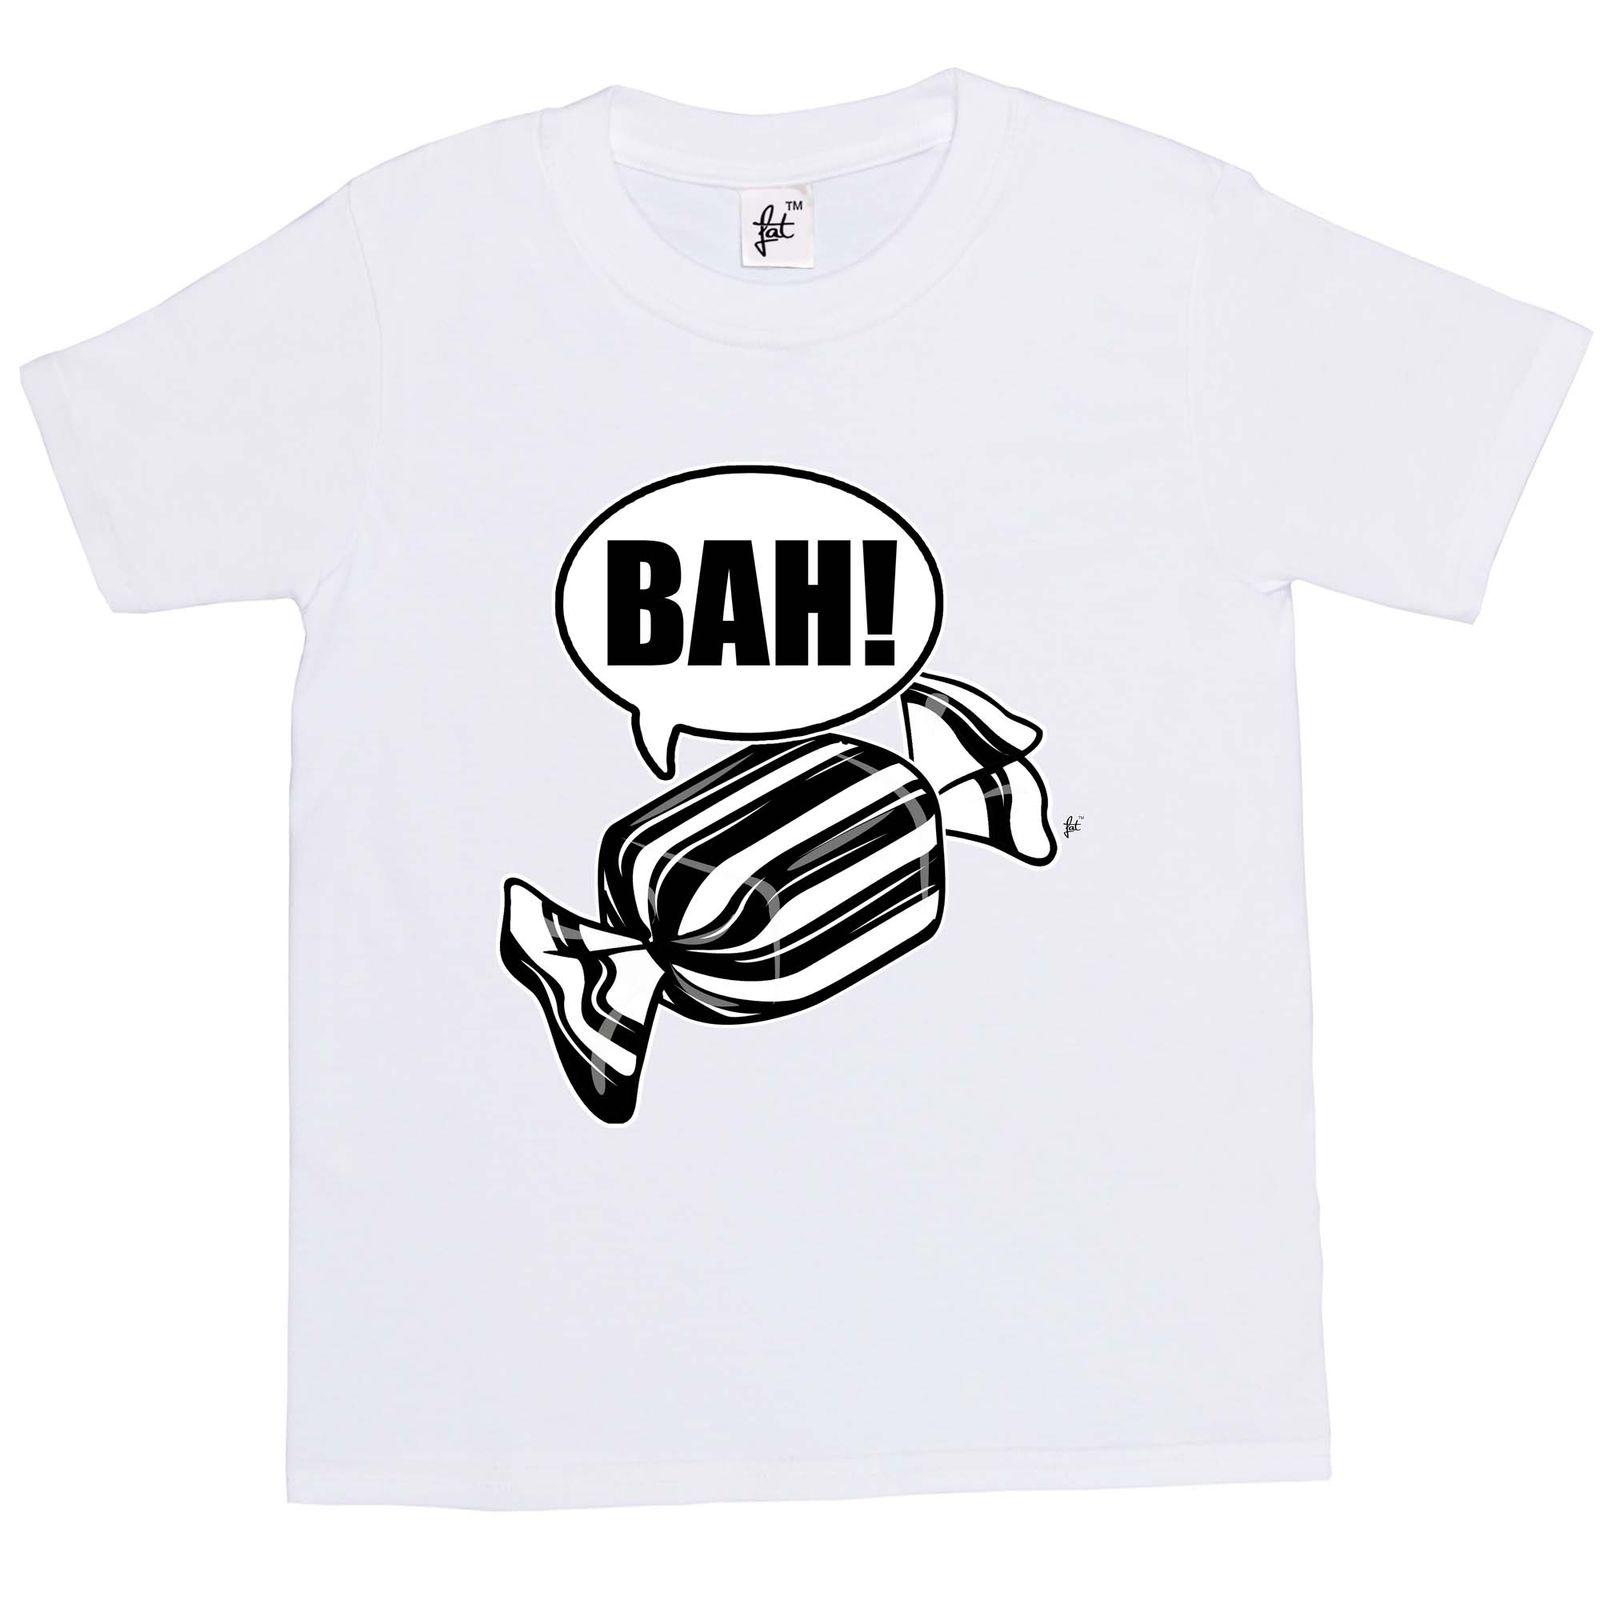 Летняя футболка Новинка мультфильм футболка Бах Вздор! Черные и белые мятные конфеты Рождество Дети мальчики девочек футболка фильм